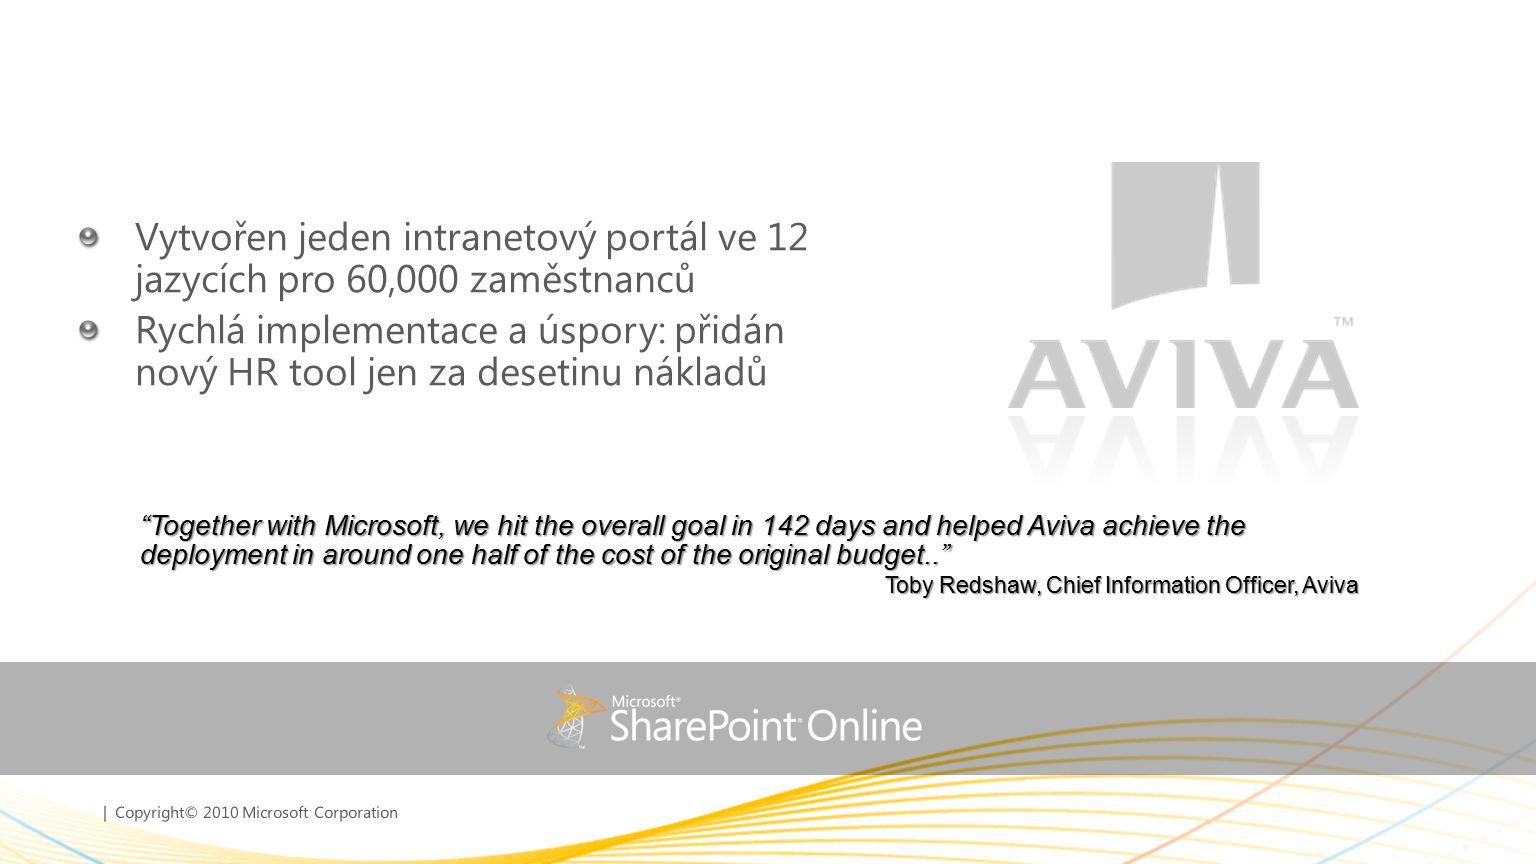 Vytvořen jeden intranetový portál ve 12 jazycích pro 60,000 zaměstnanců